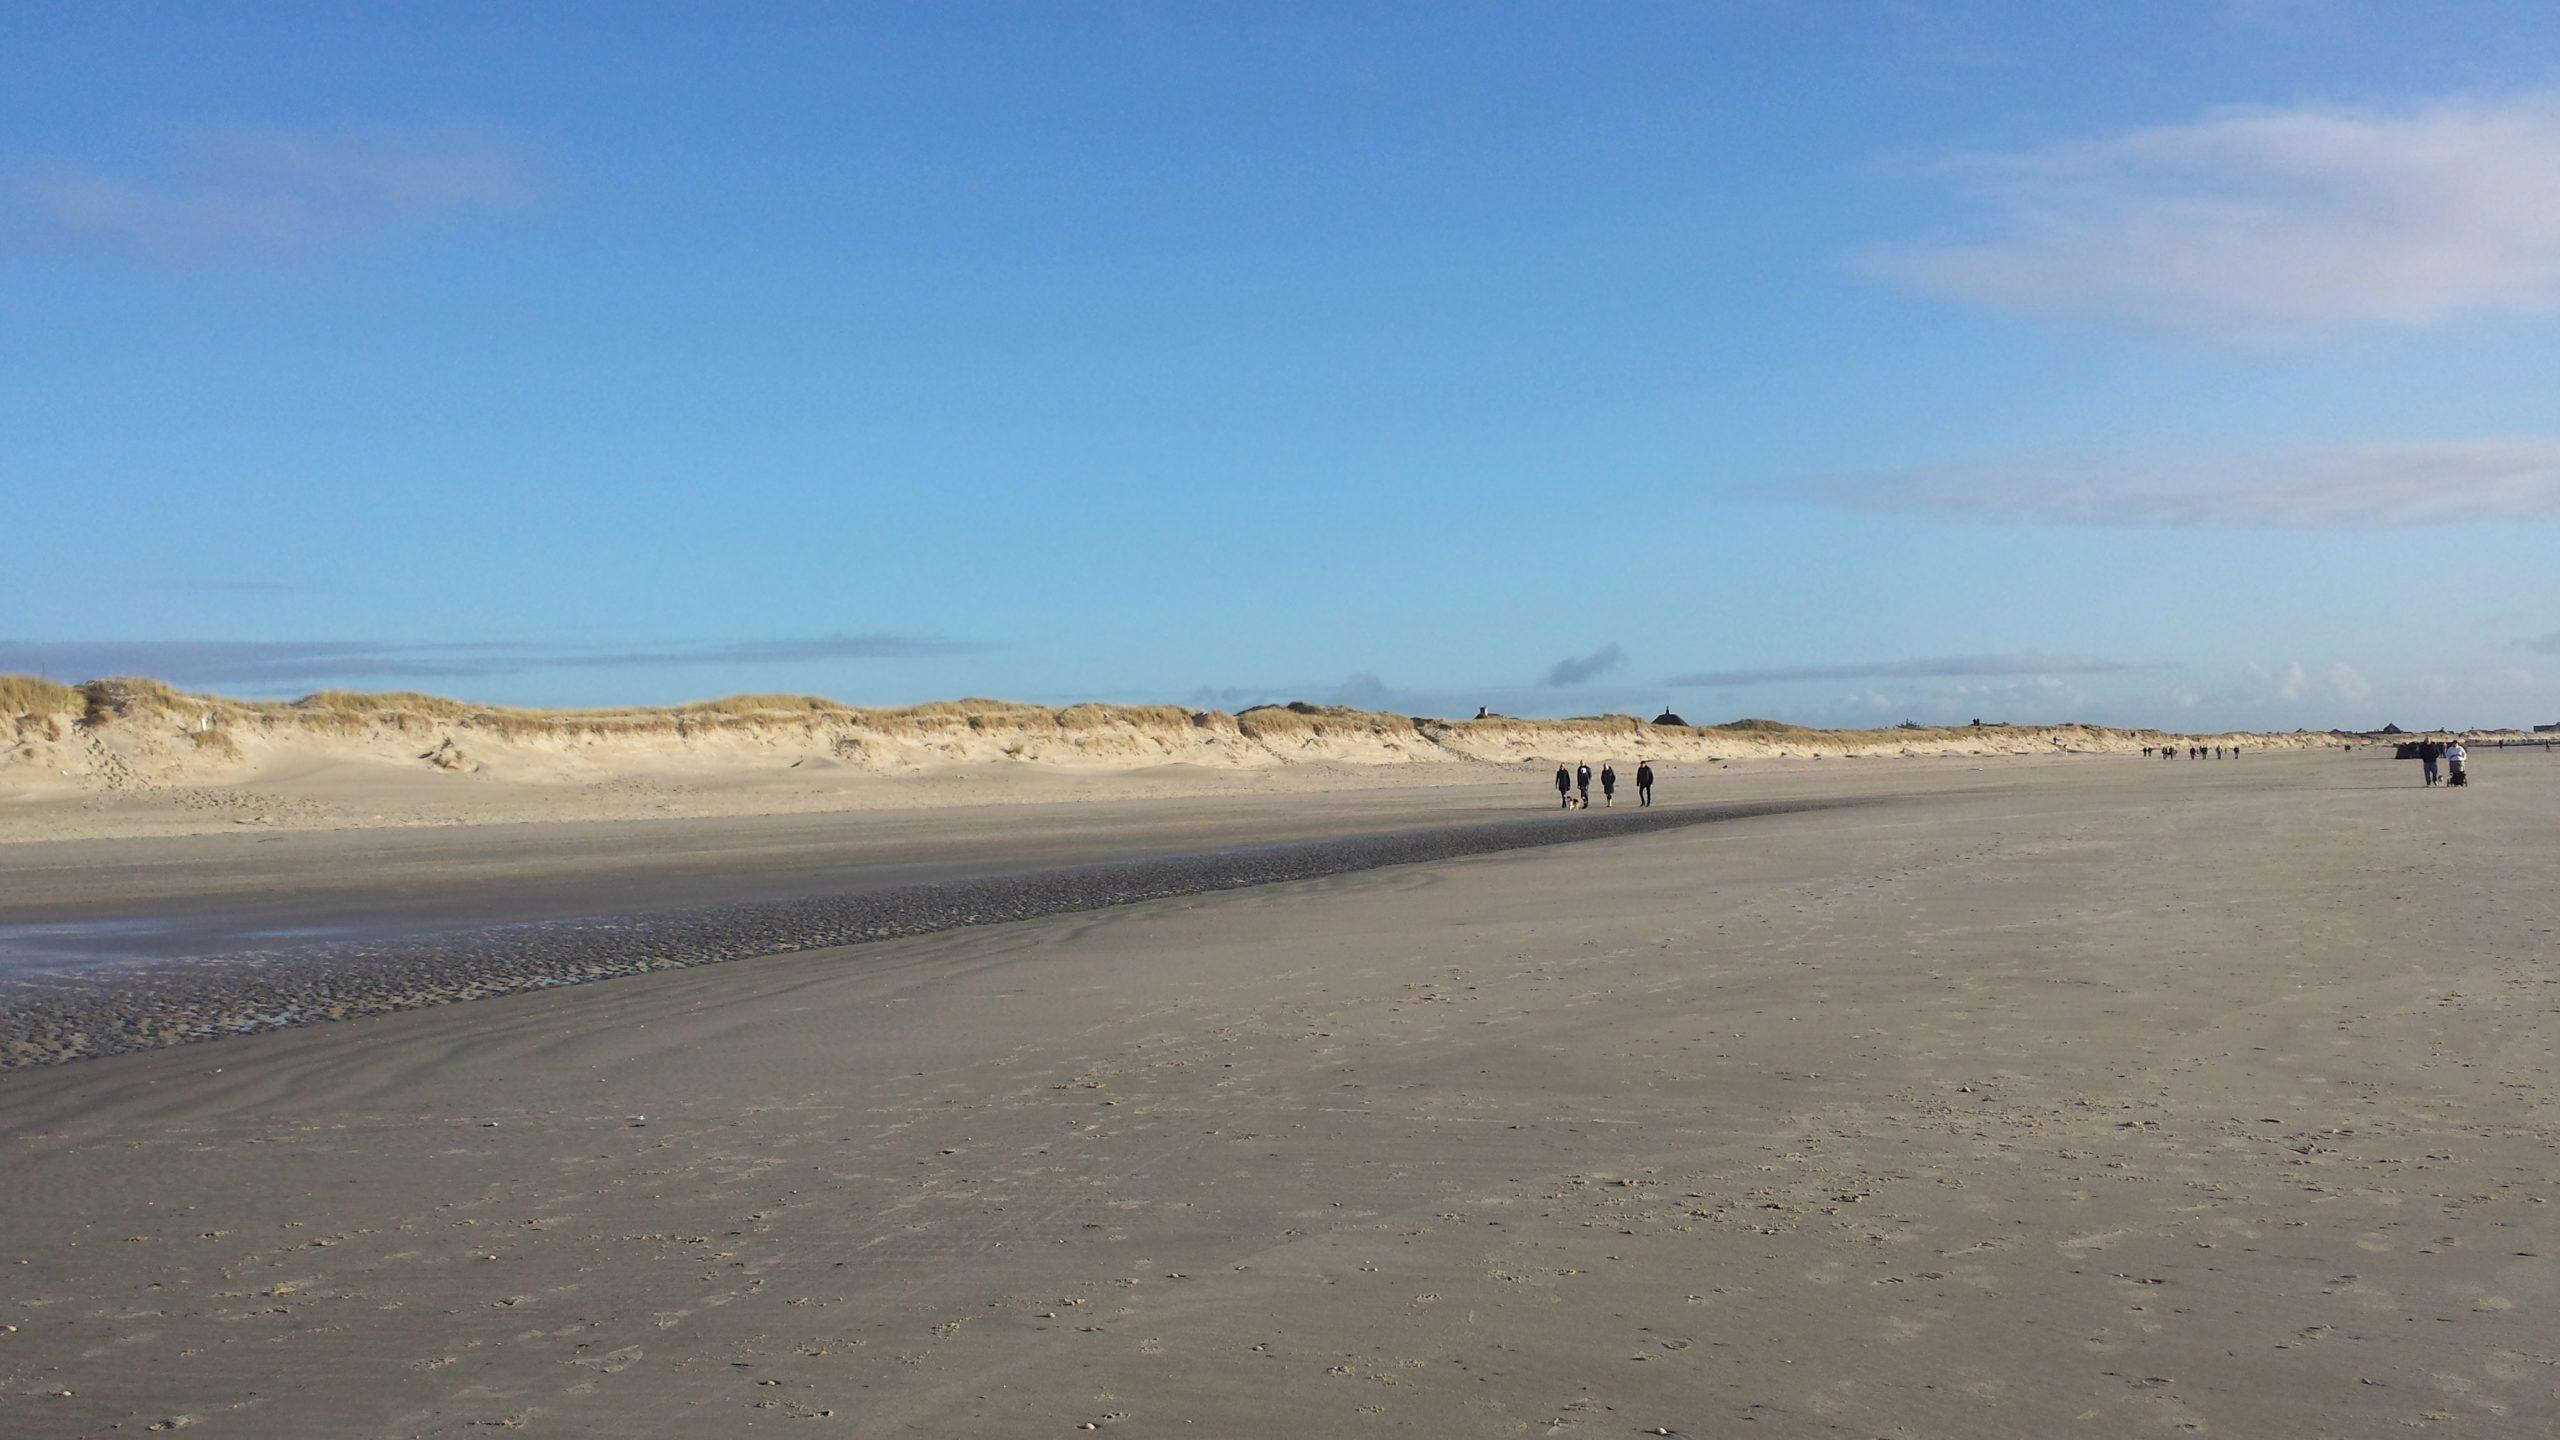 Der Strandabschnitt streckt sich und man kann unendlich lange spazierengehen.